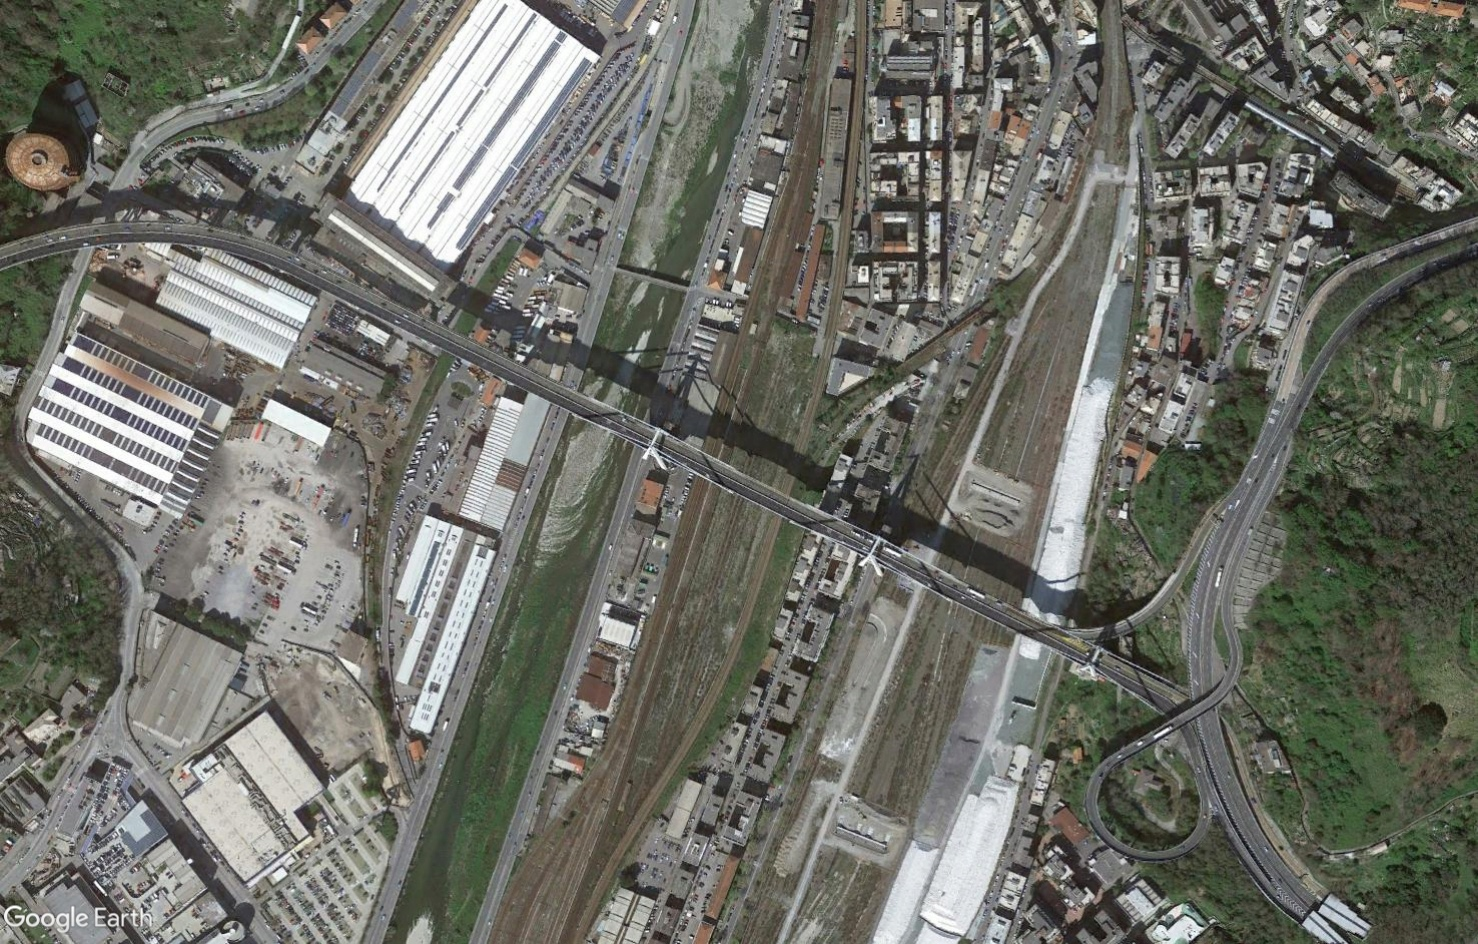 [Bientôt visible sur Google Earth] - Le pont Morandi, Gênes Tsge1598